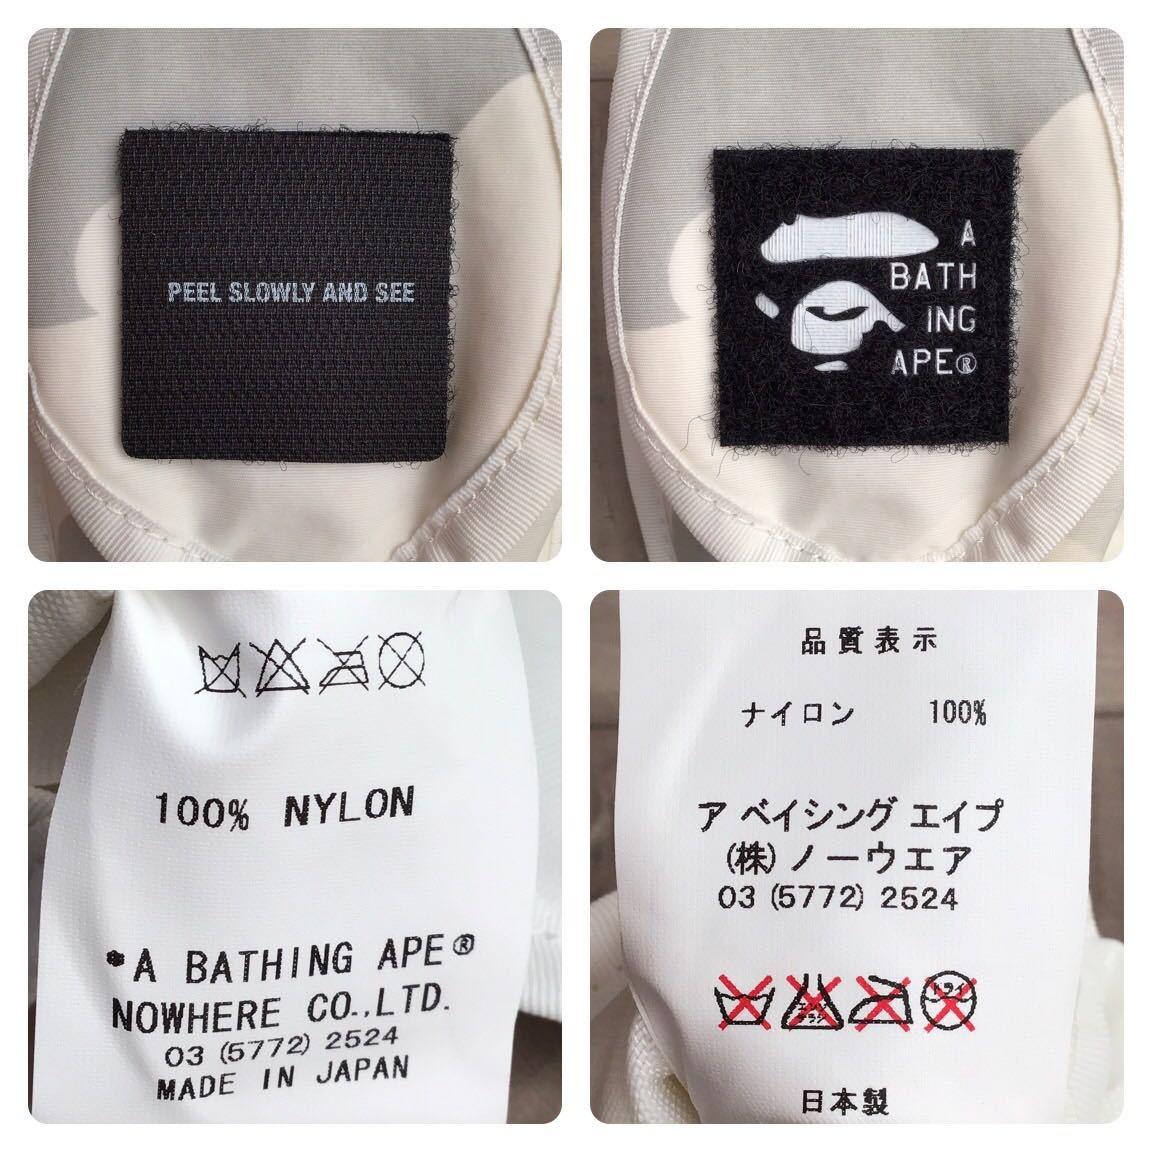 ★新品★ white camo ポーチ a bathing ape BAPE pouch エイプ ベイプ アベイシングエイプ ホワイト 迷彩